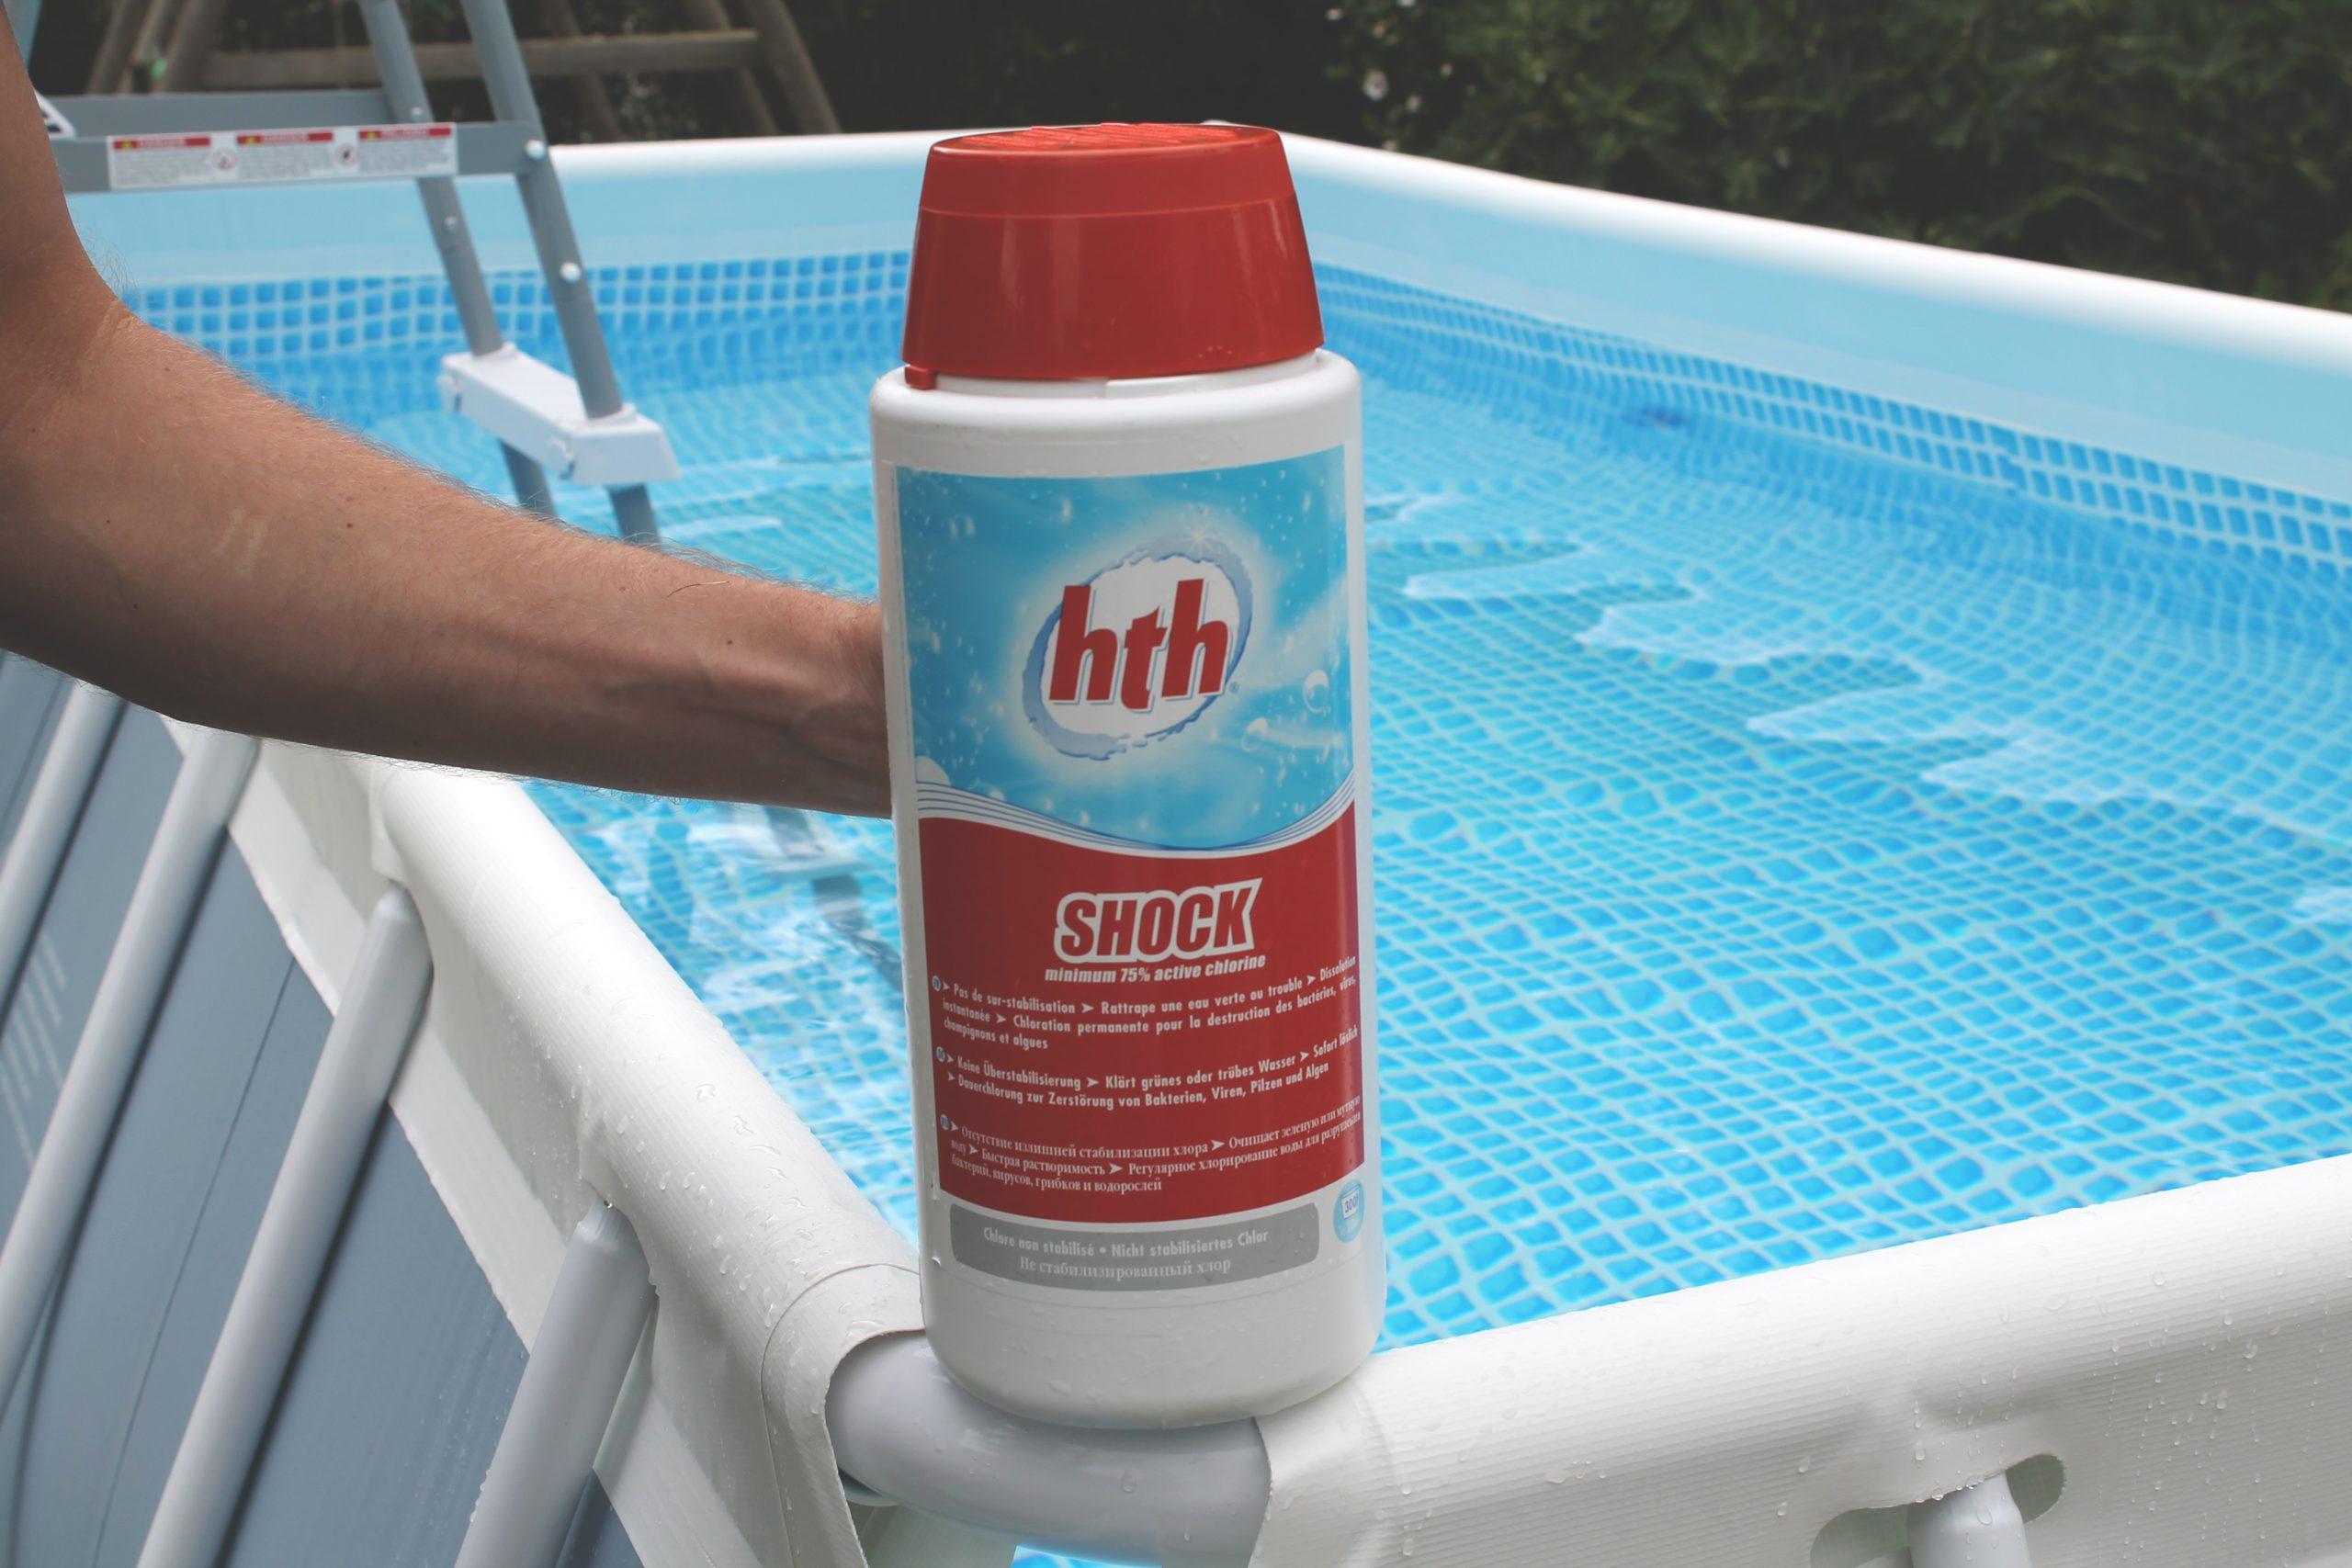 Marque Hth : Produits Pour L'entretien De L'eau Des Piscines dedans Produit Piscine Hth